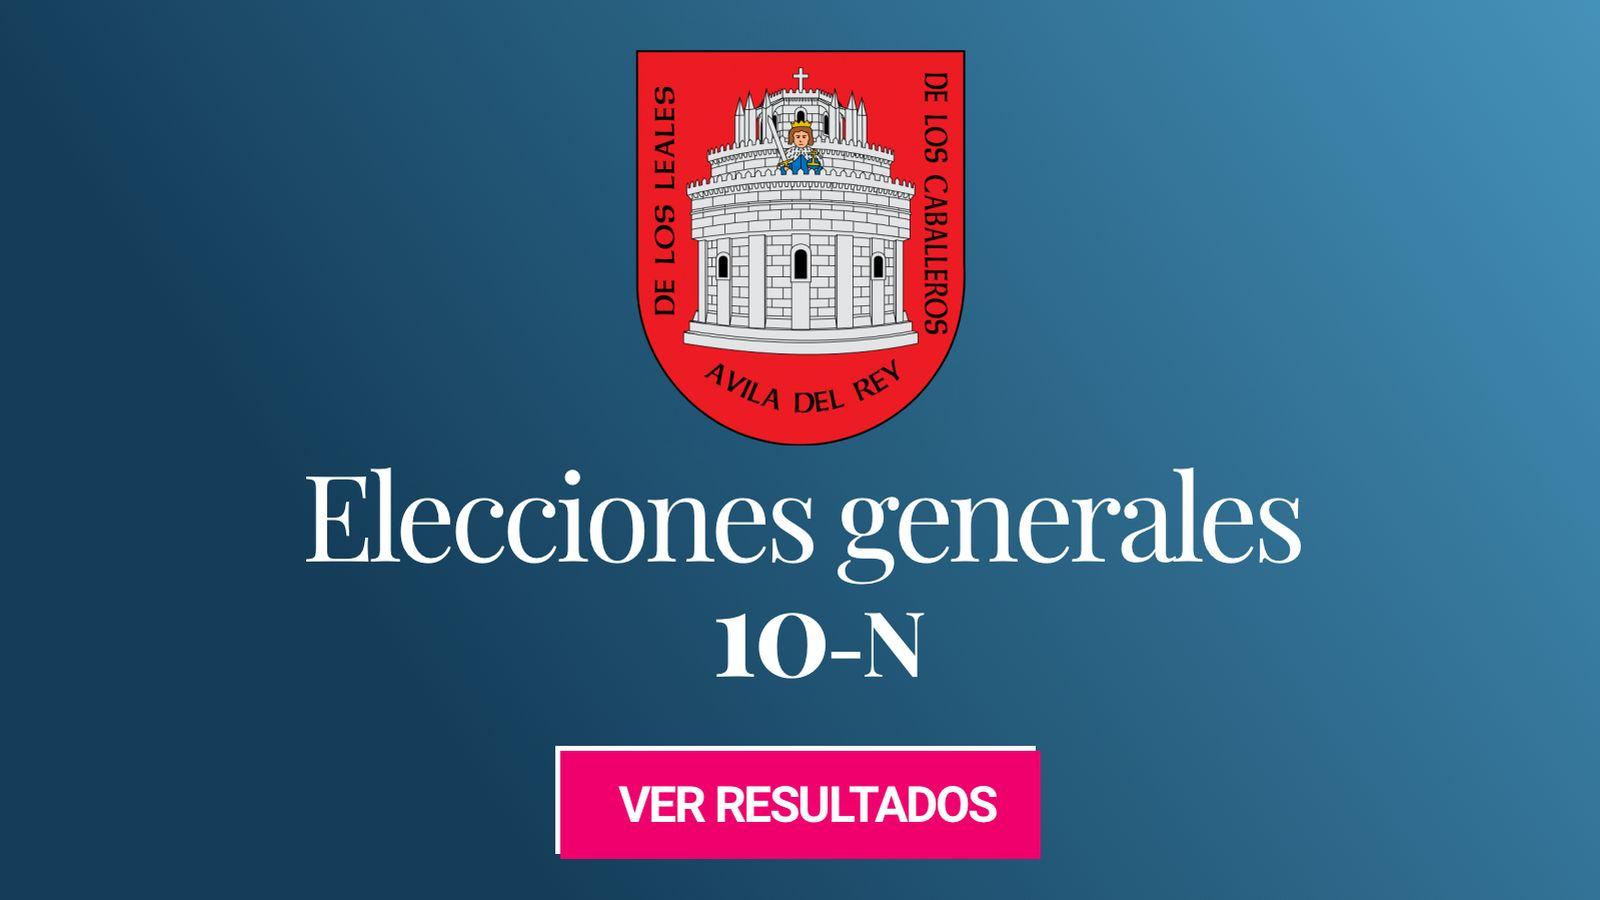 Foto: Elecciones generales 2019 en Ávila. (C.C./EC)